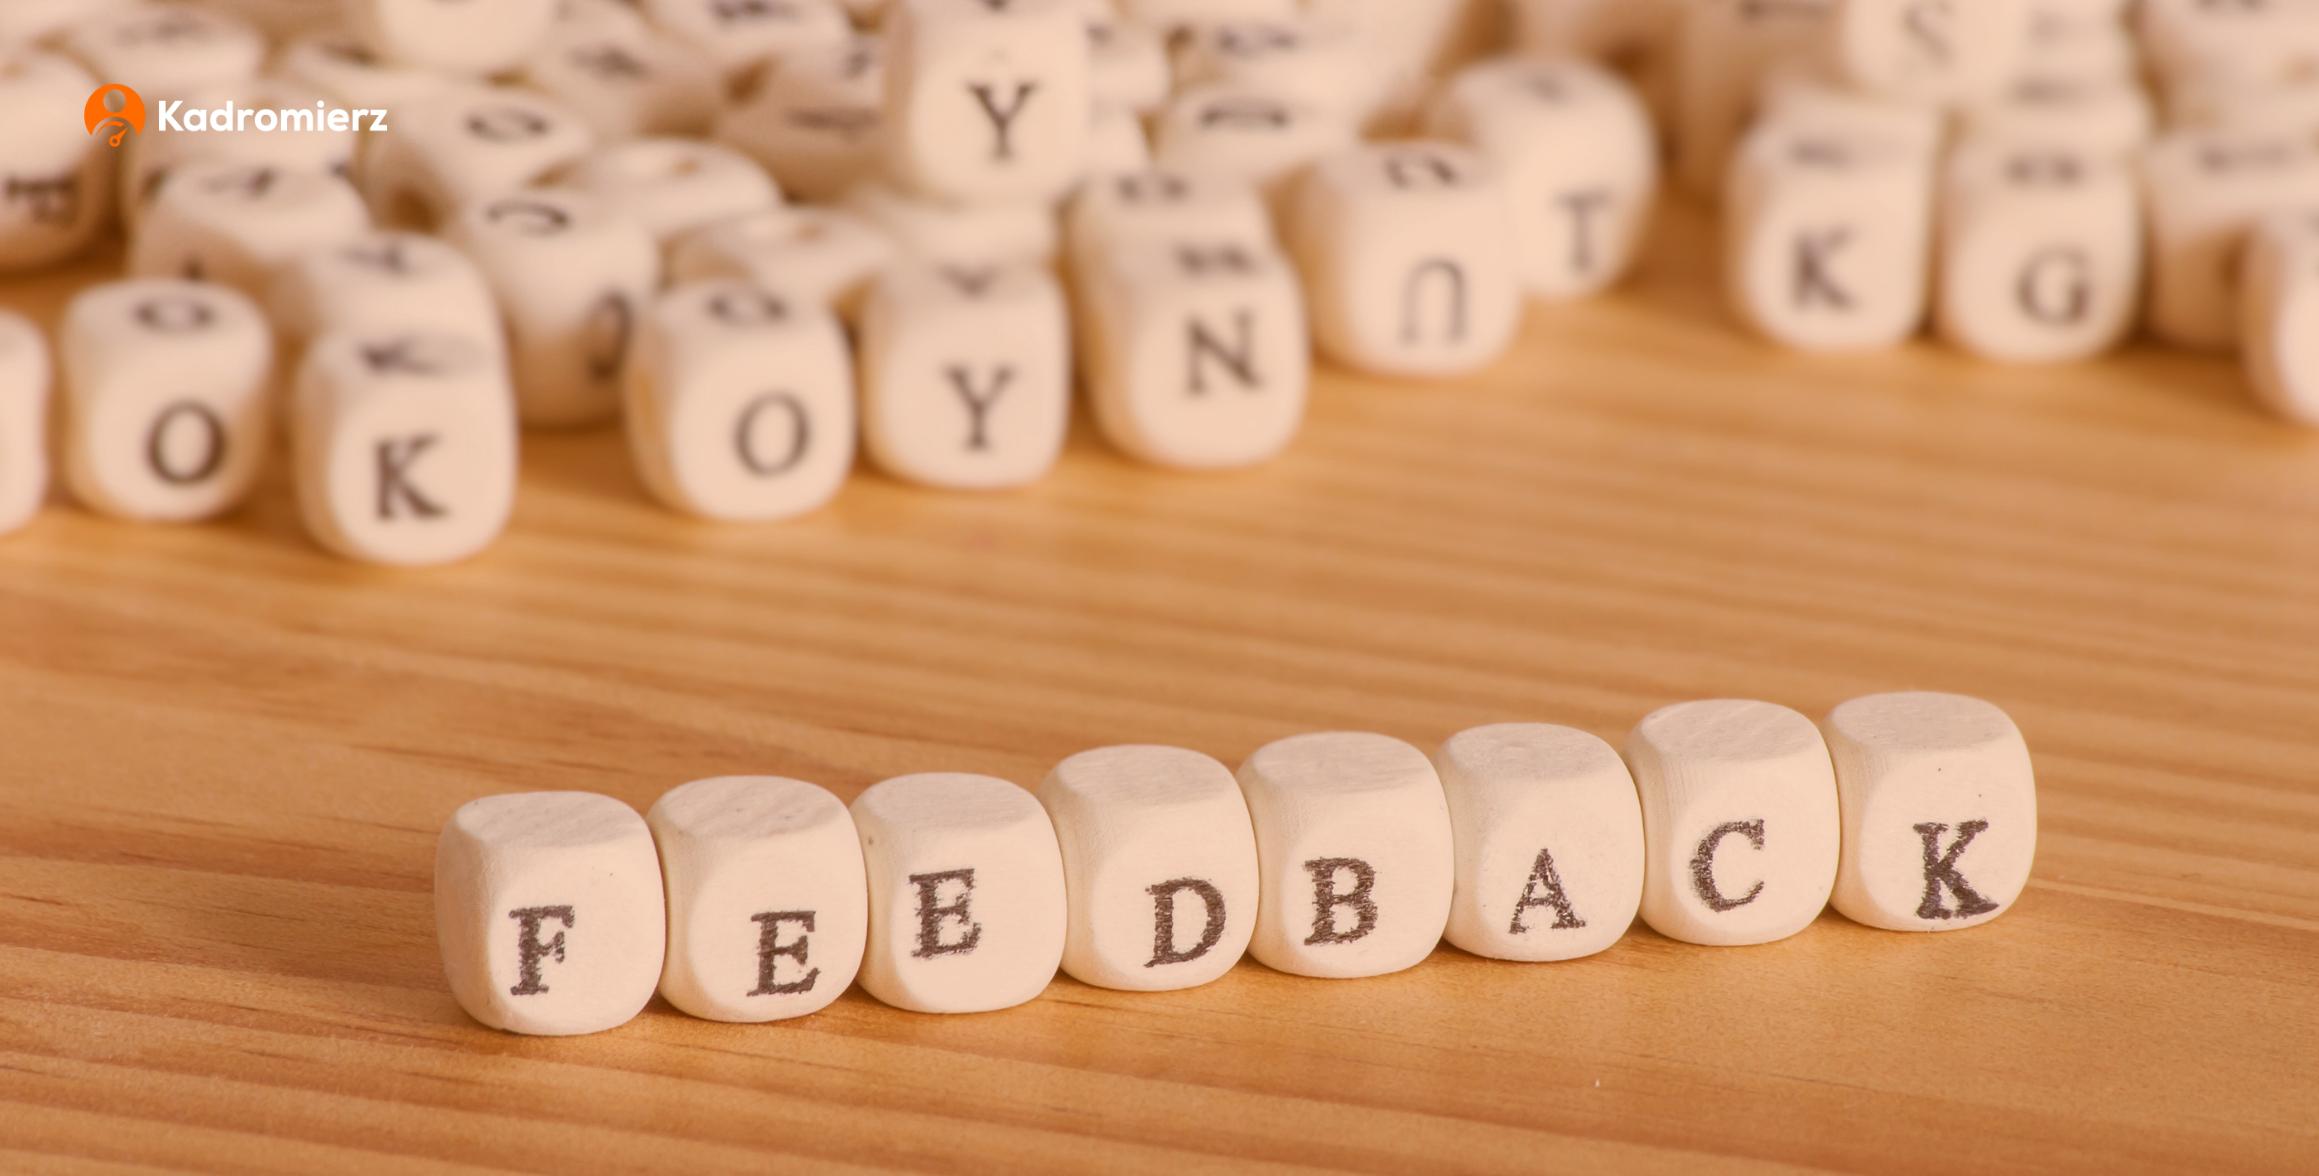 feedback - jakość współpracy